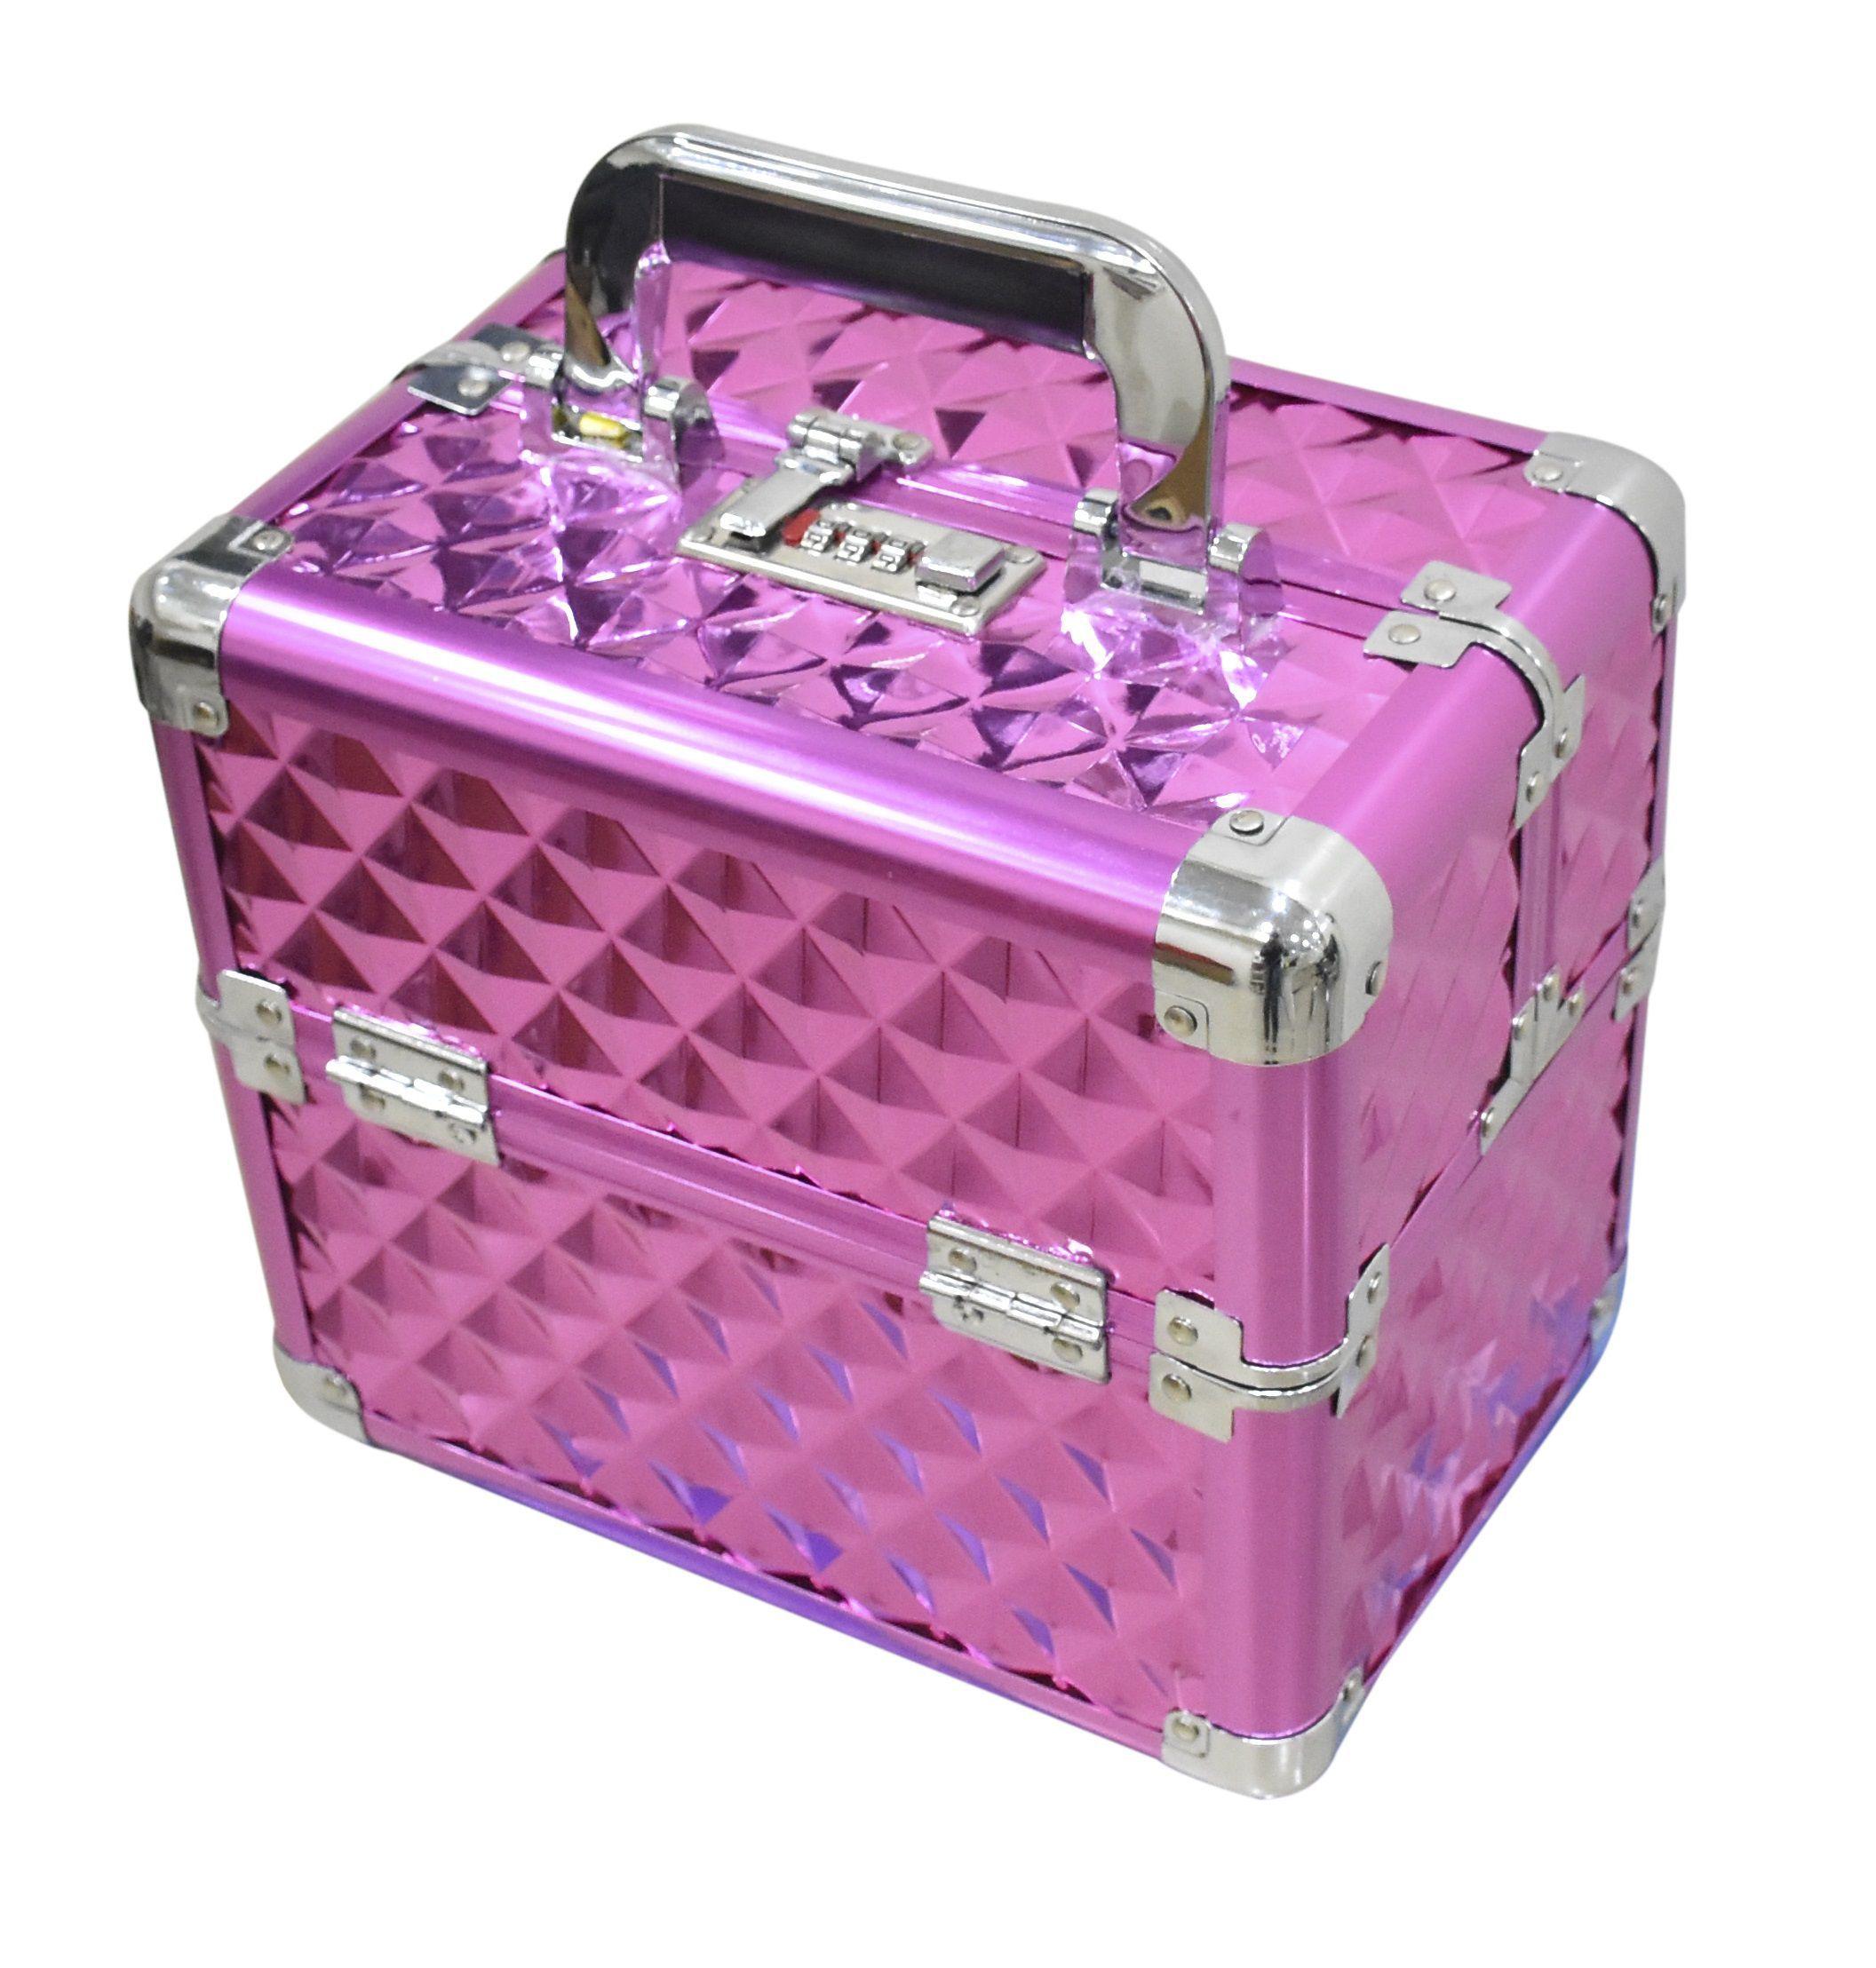 b788a5da9 Pride Star Diamond To Store Cosmetic Itmes Vanity Box: Buy Pride Star  Diamond To Store Cosmetic Itmes Vanity Box Online in India on Snapdeal